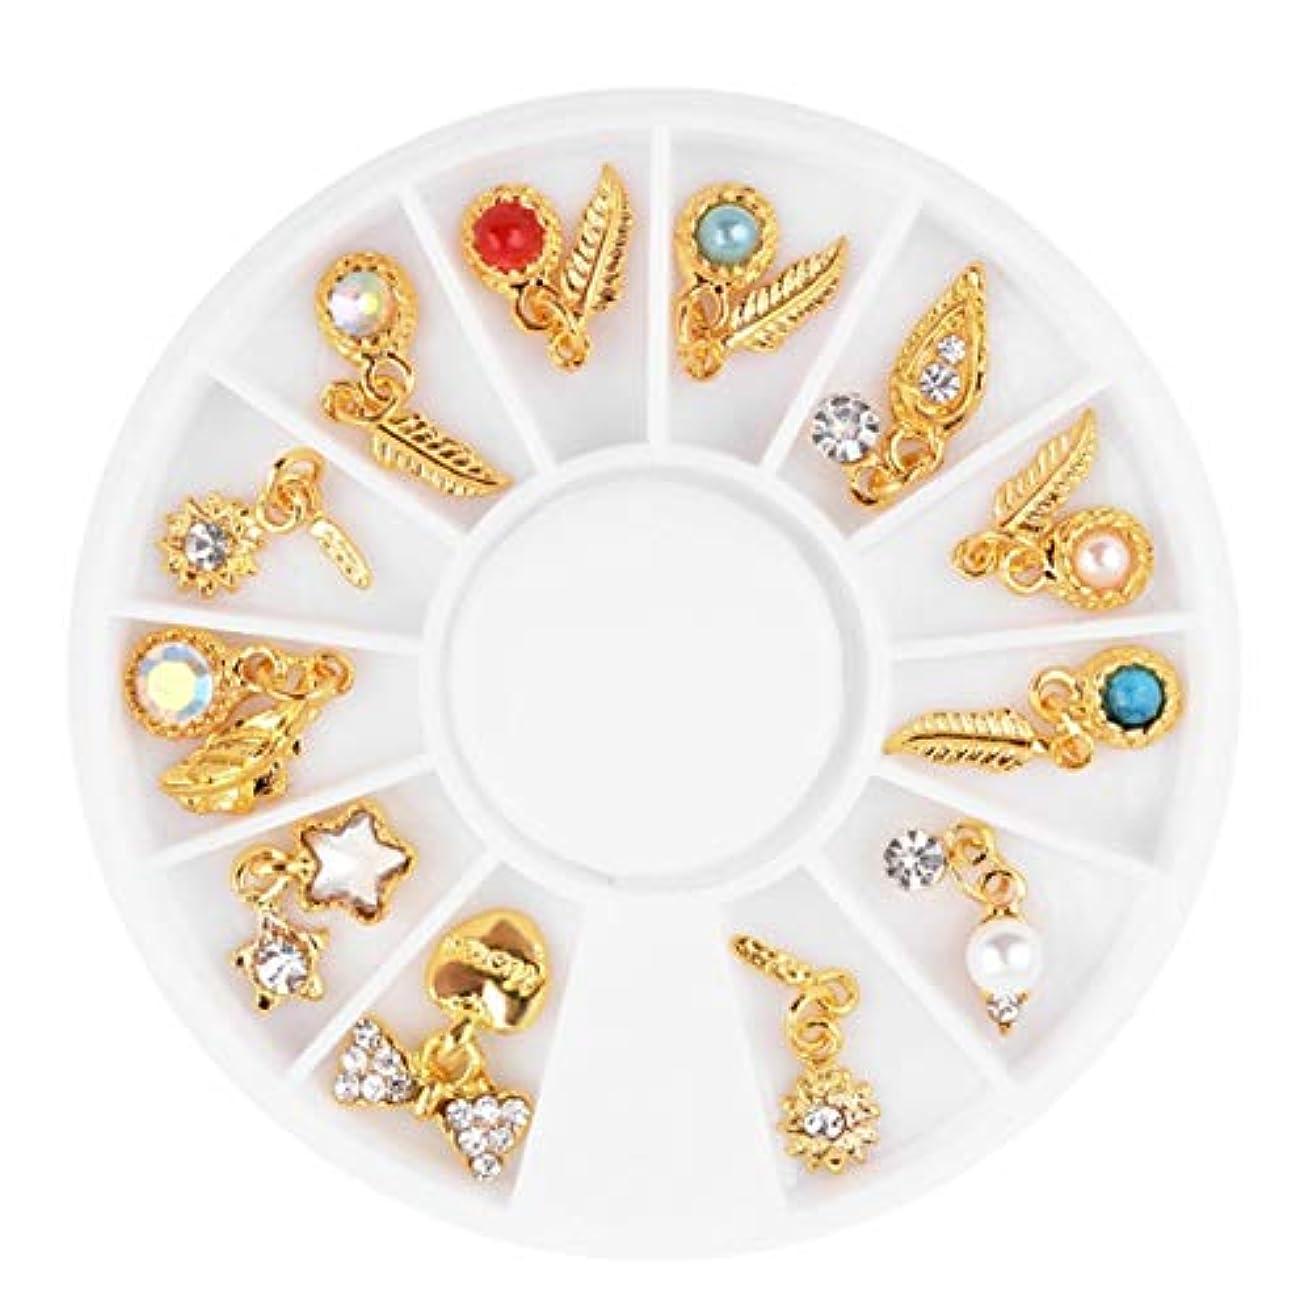 情緒的防ぐ擁するQuzama-JS よく作られた釘芸術3 D混合形ラインストーン宝石石装飾合金宝石ディスクタッセルペンダント葉羽ターンテーブル(None Picture Color)